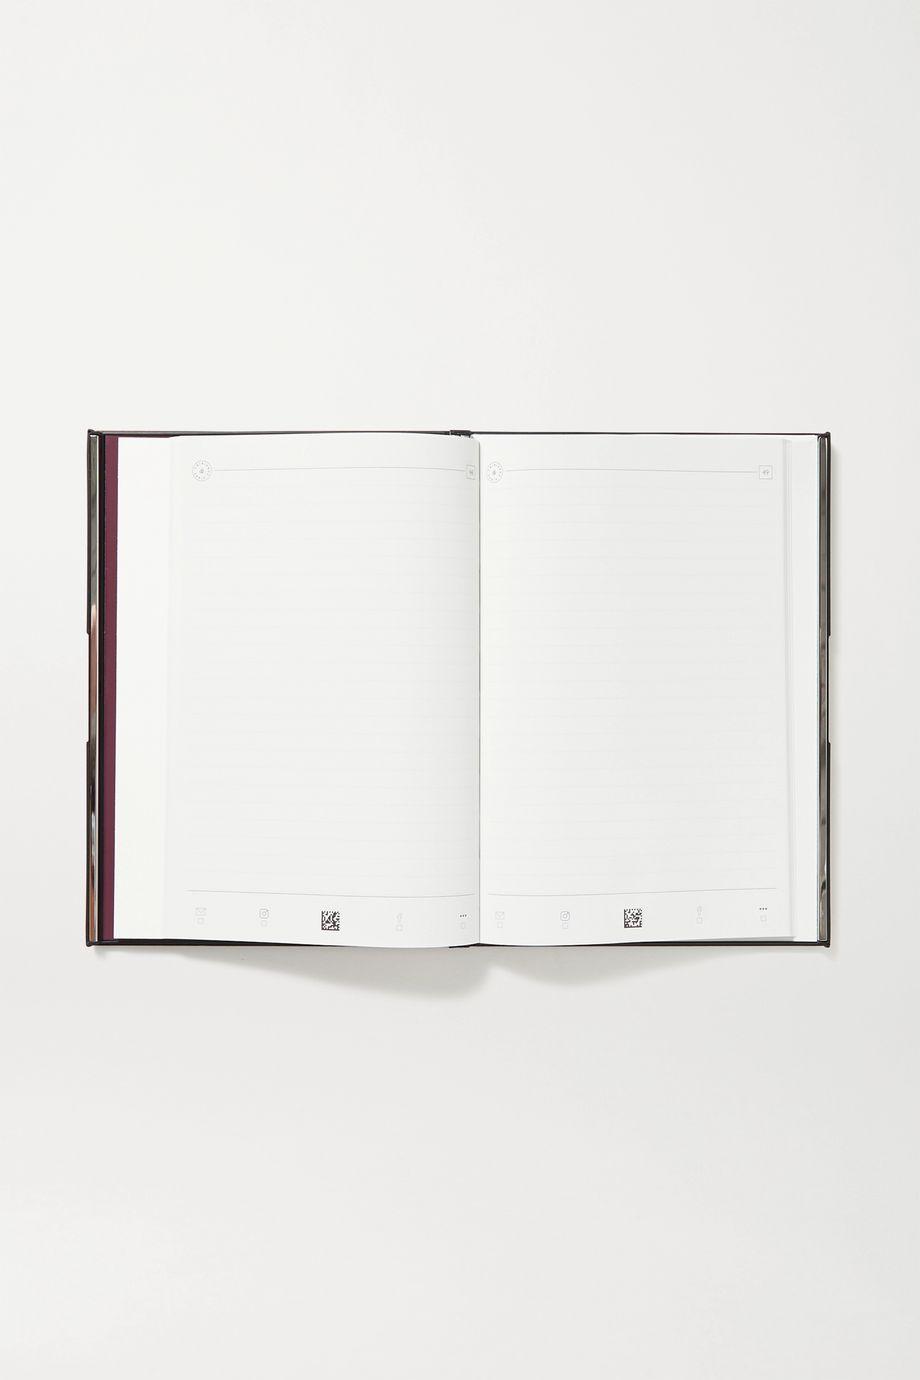 Thibierge Paris Le Carnet 12.19 notebook